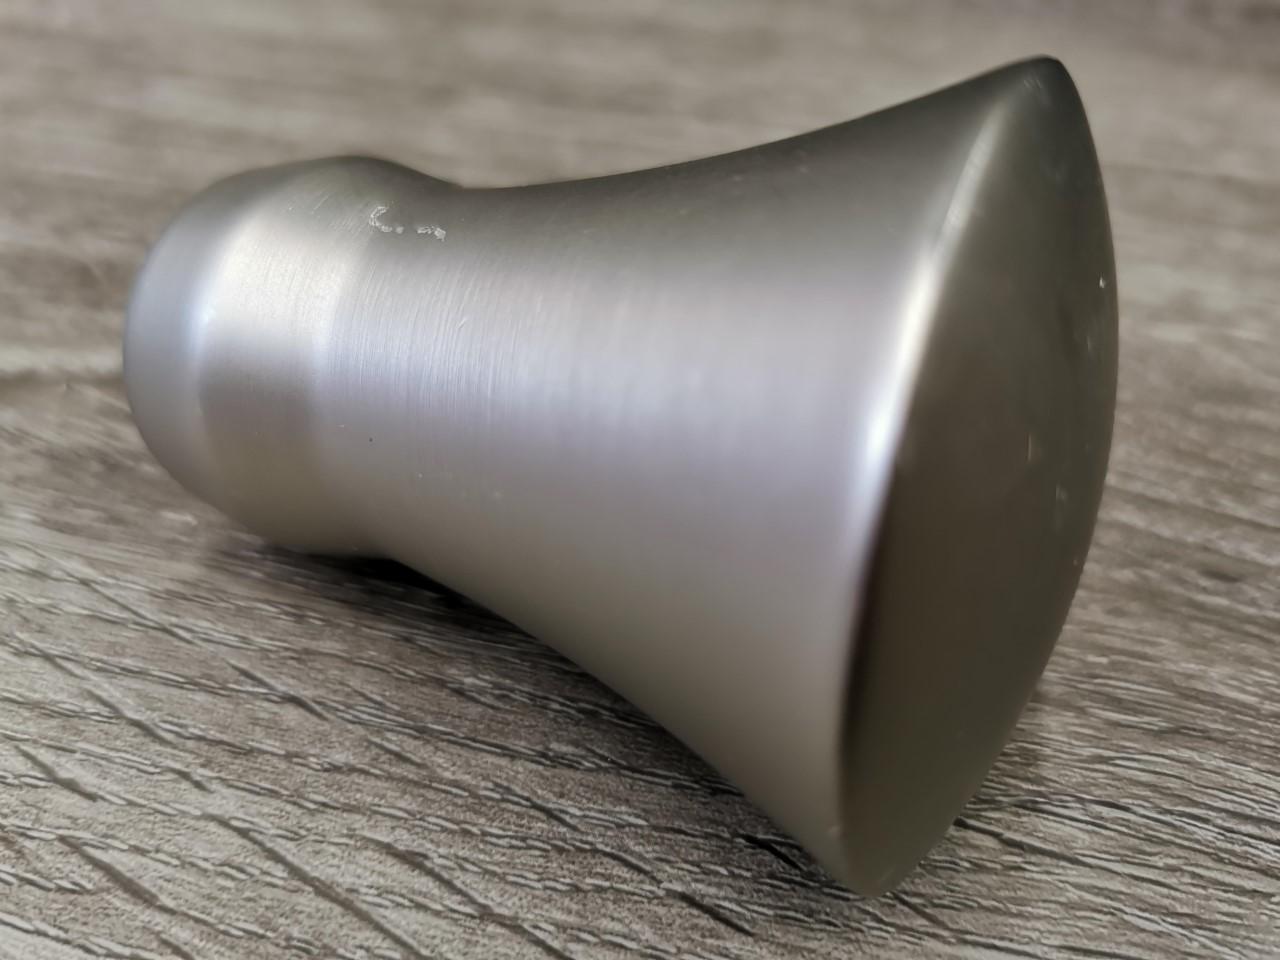 25mm tankopääty suippo matta hopea